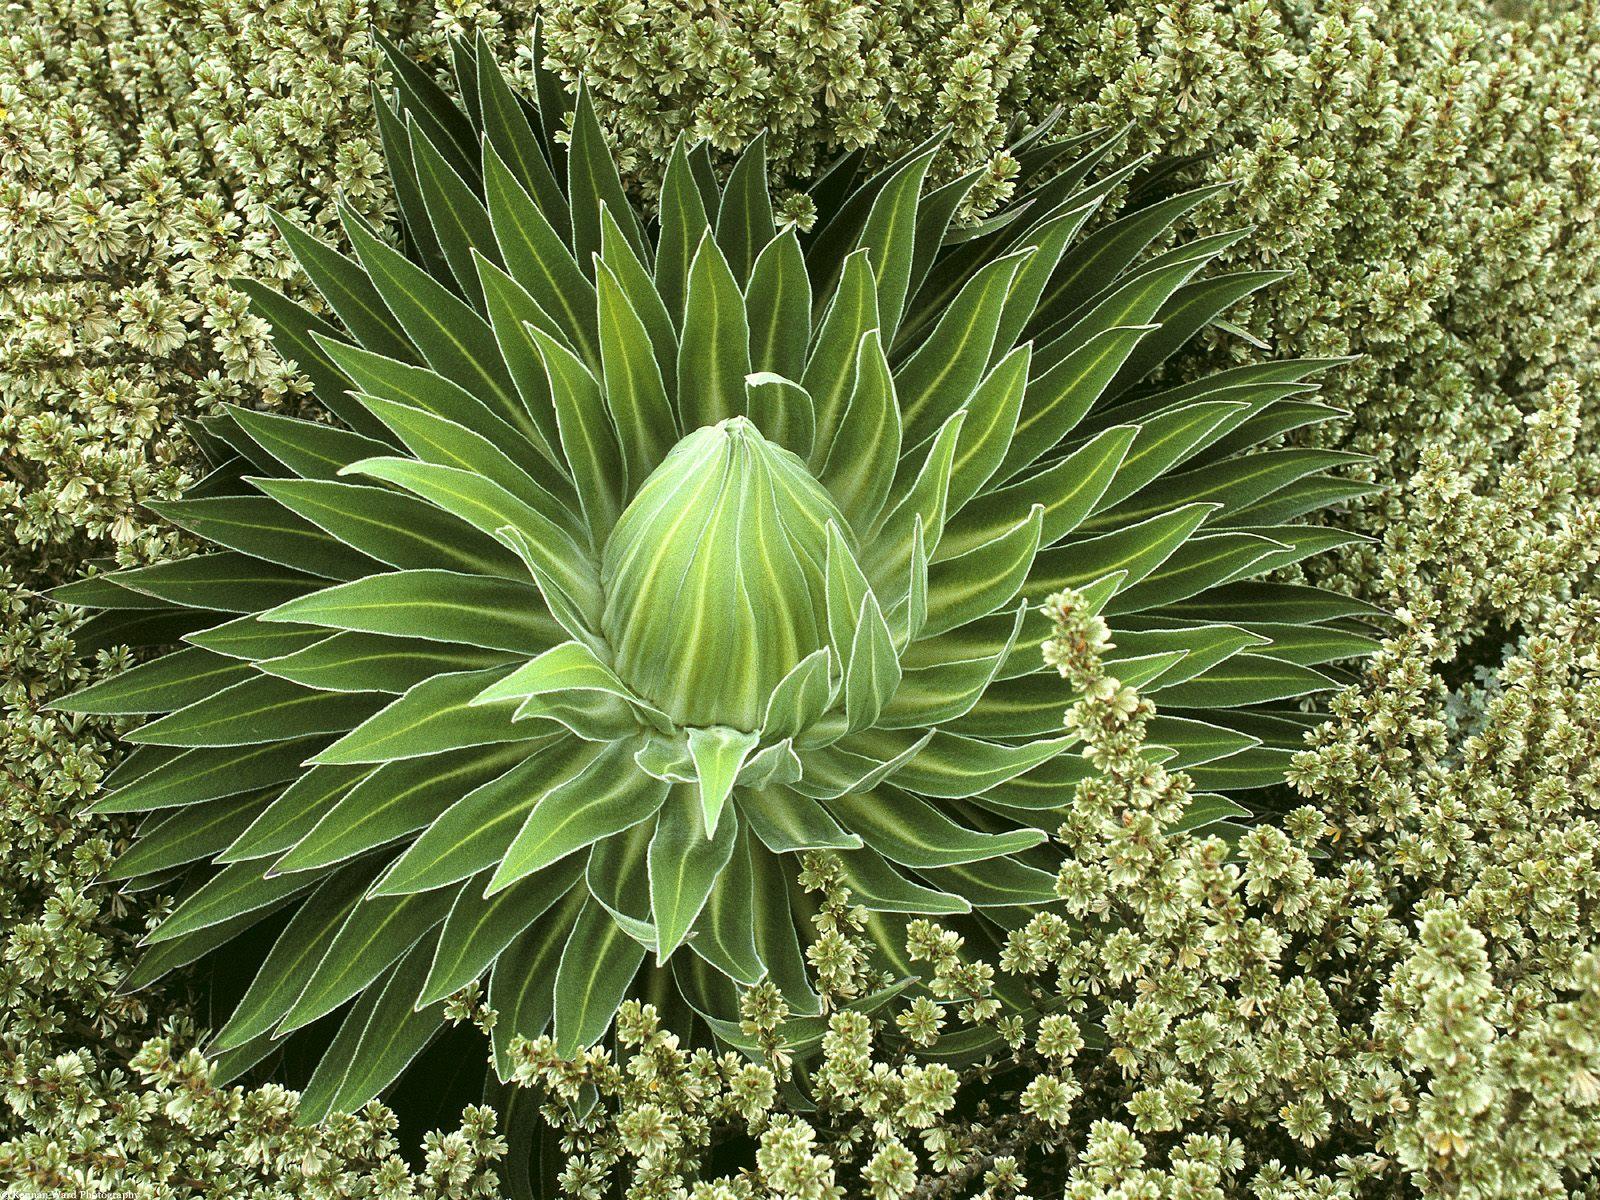 вспомнил картинки про растениями темные контрастные